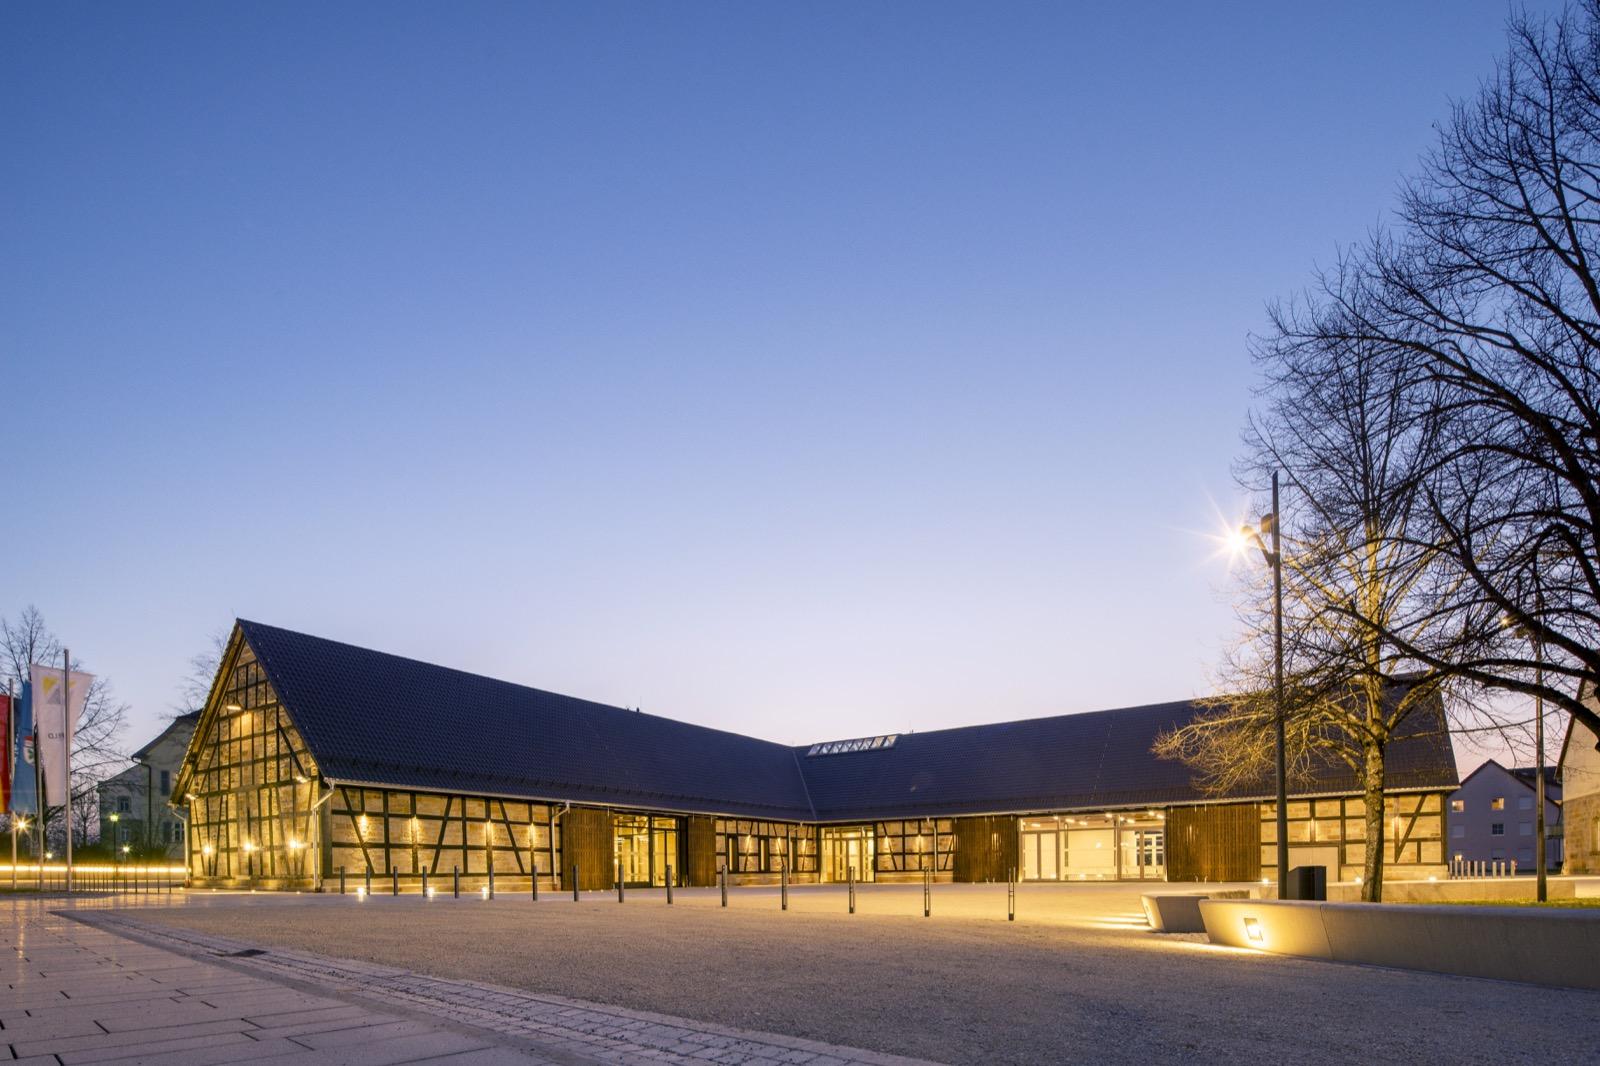 k.u.g.-architekten, München